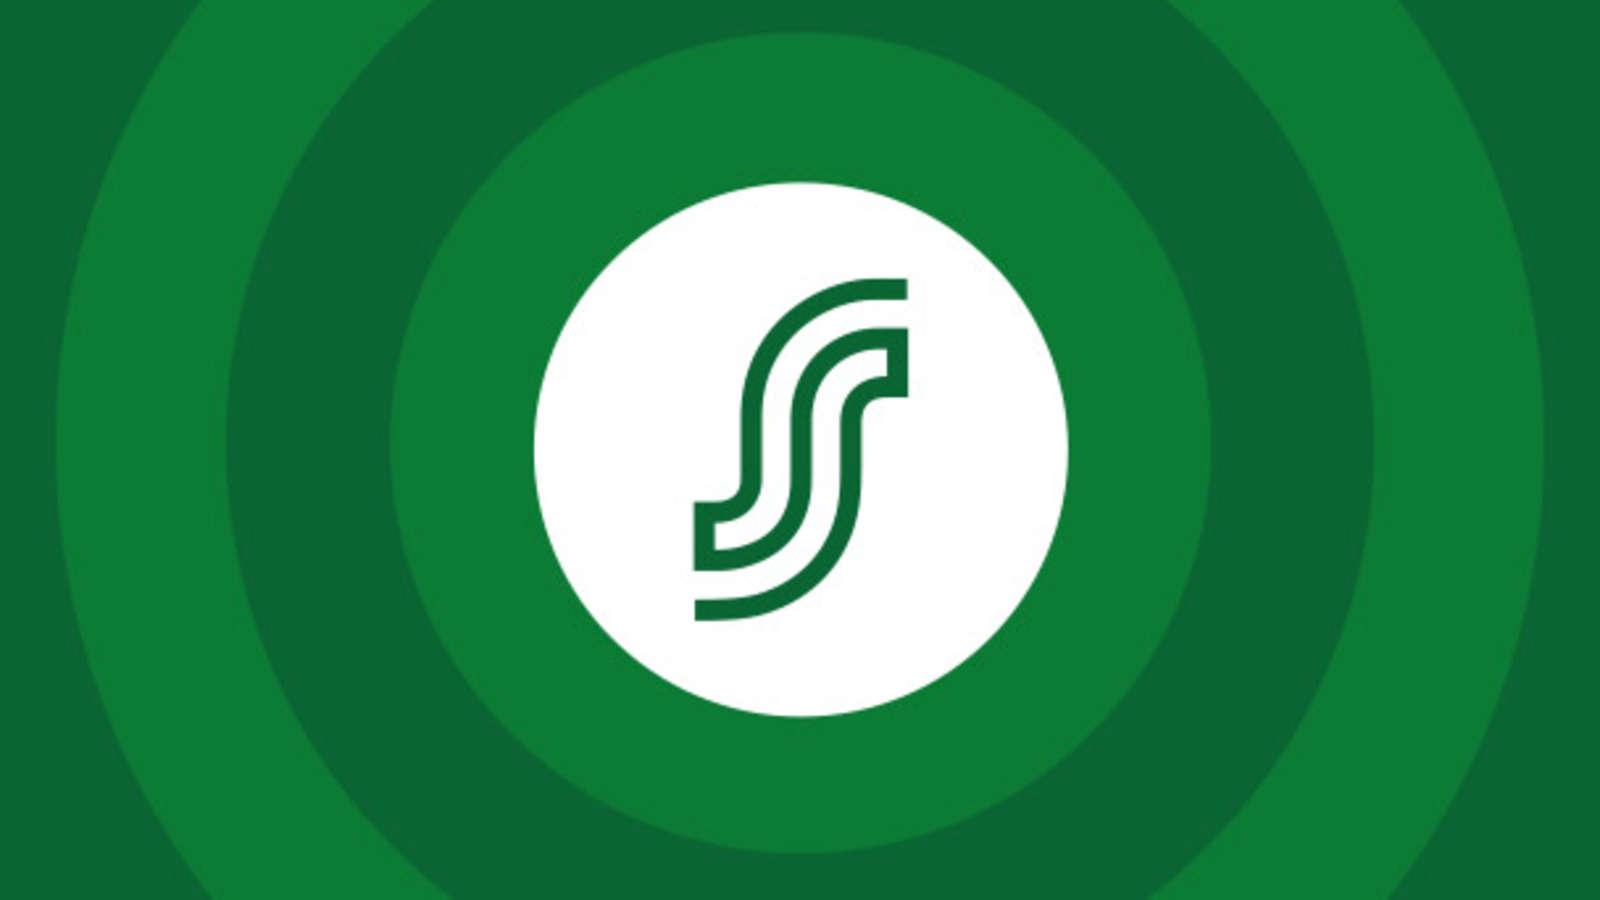 S-Pankki Asiakaspalvelupisteet